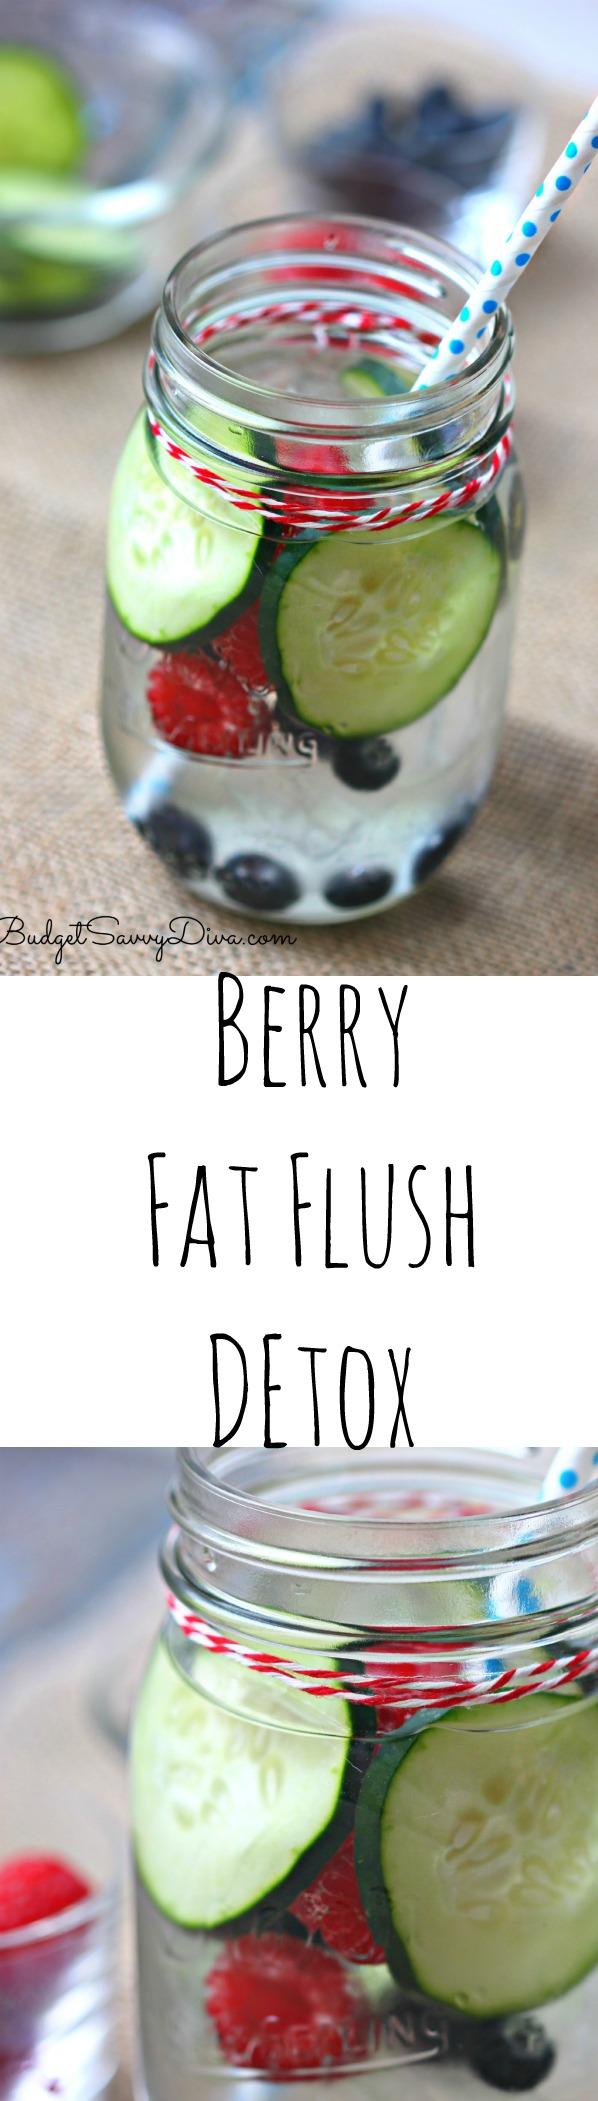 FINAL Berry